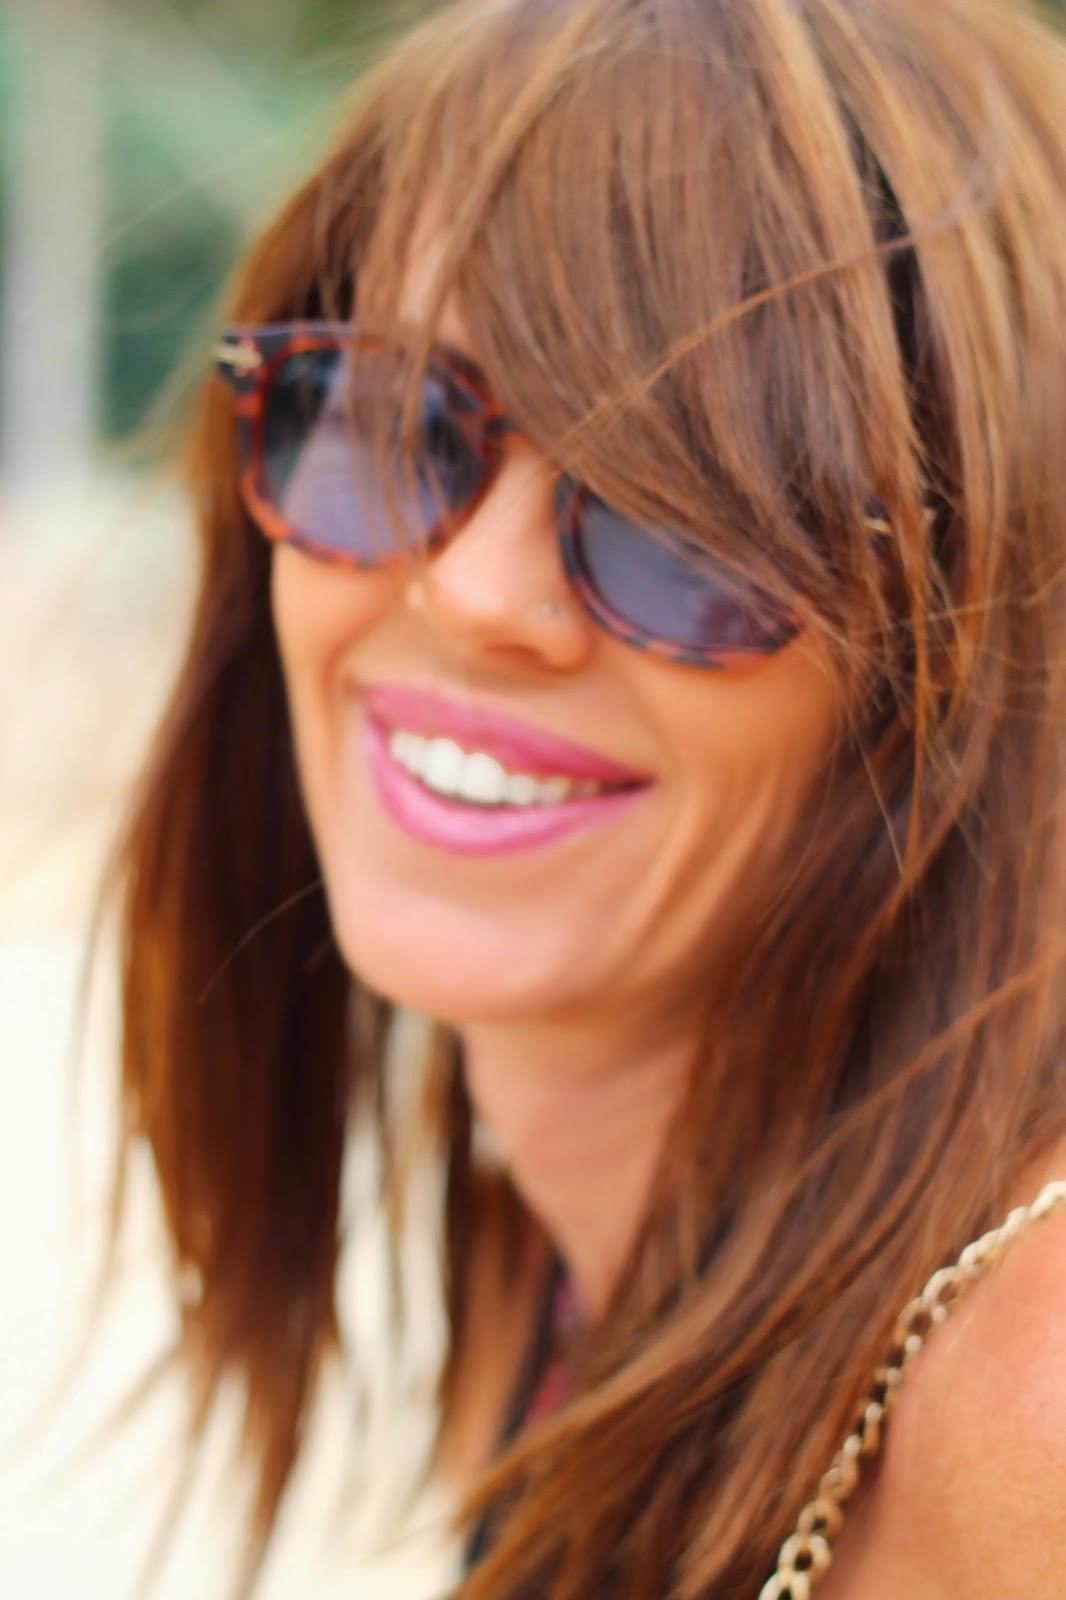 Smile - Opposit sunnies - Sunnies - sunglasses 2014